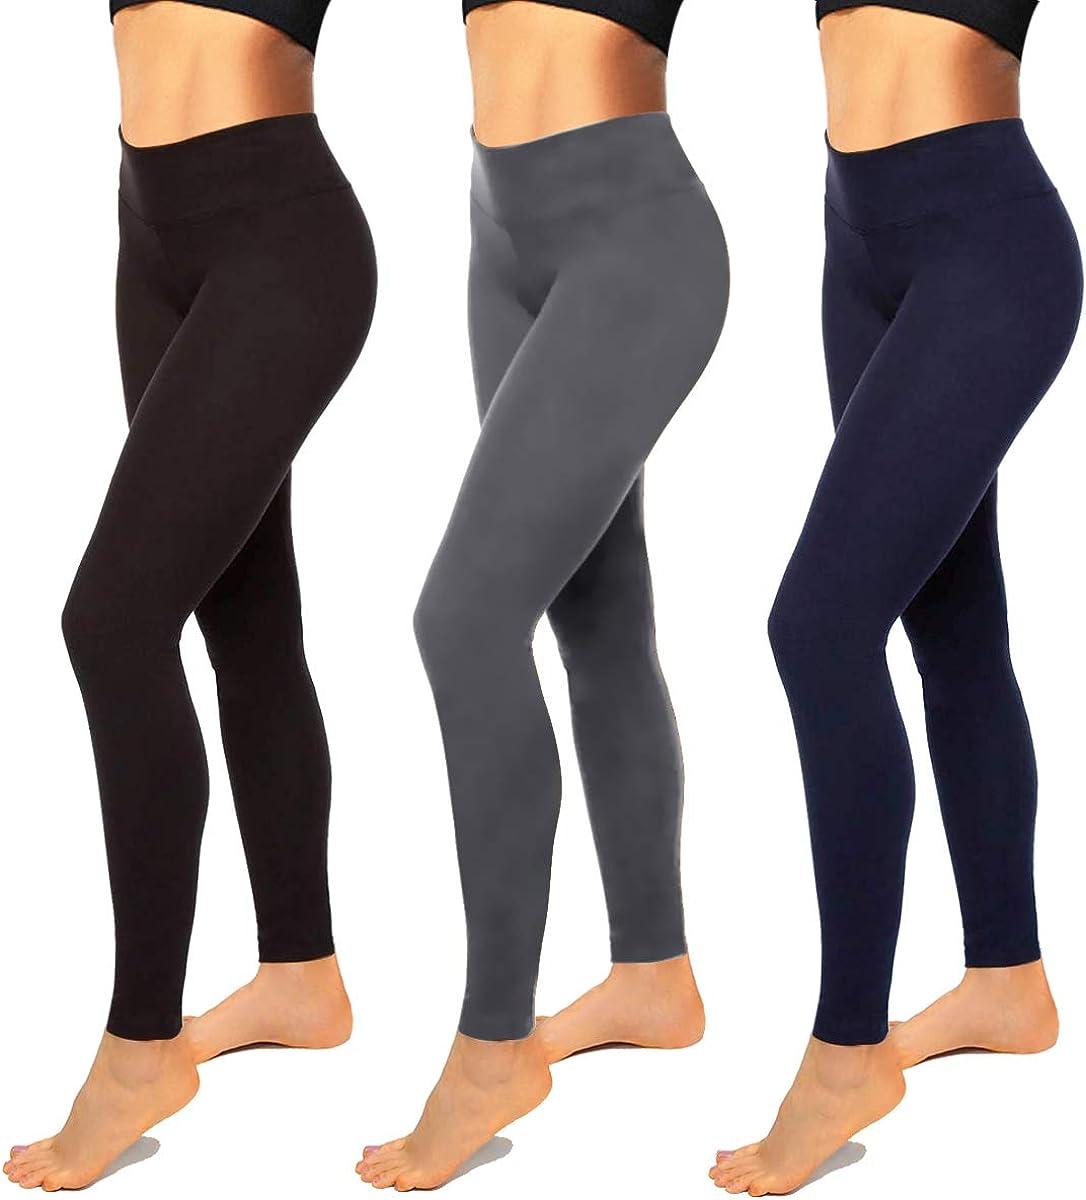 Womens Leggings-High Waisted Black Leggings for Women-Premium Jeggings for Workout, Yoga